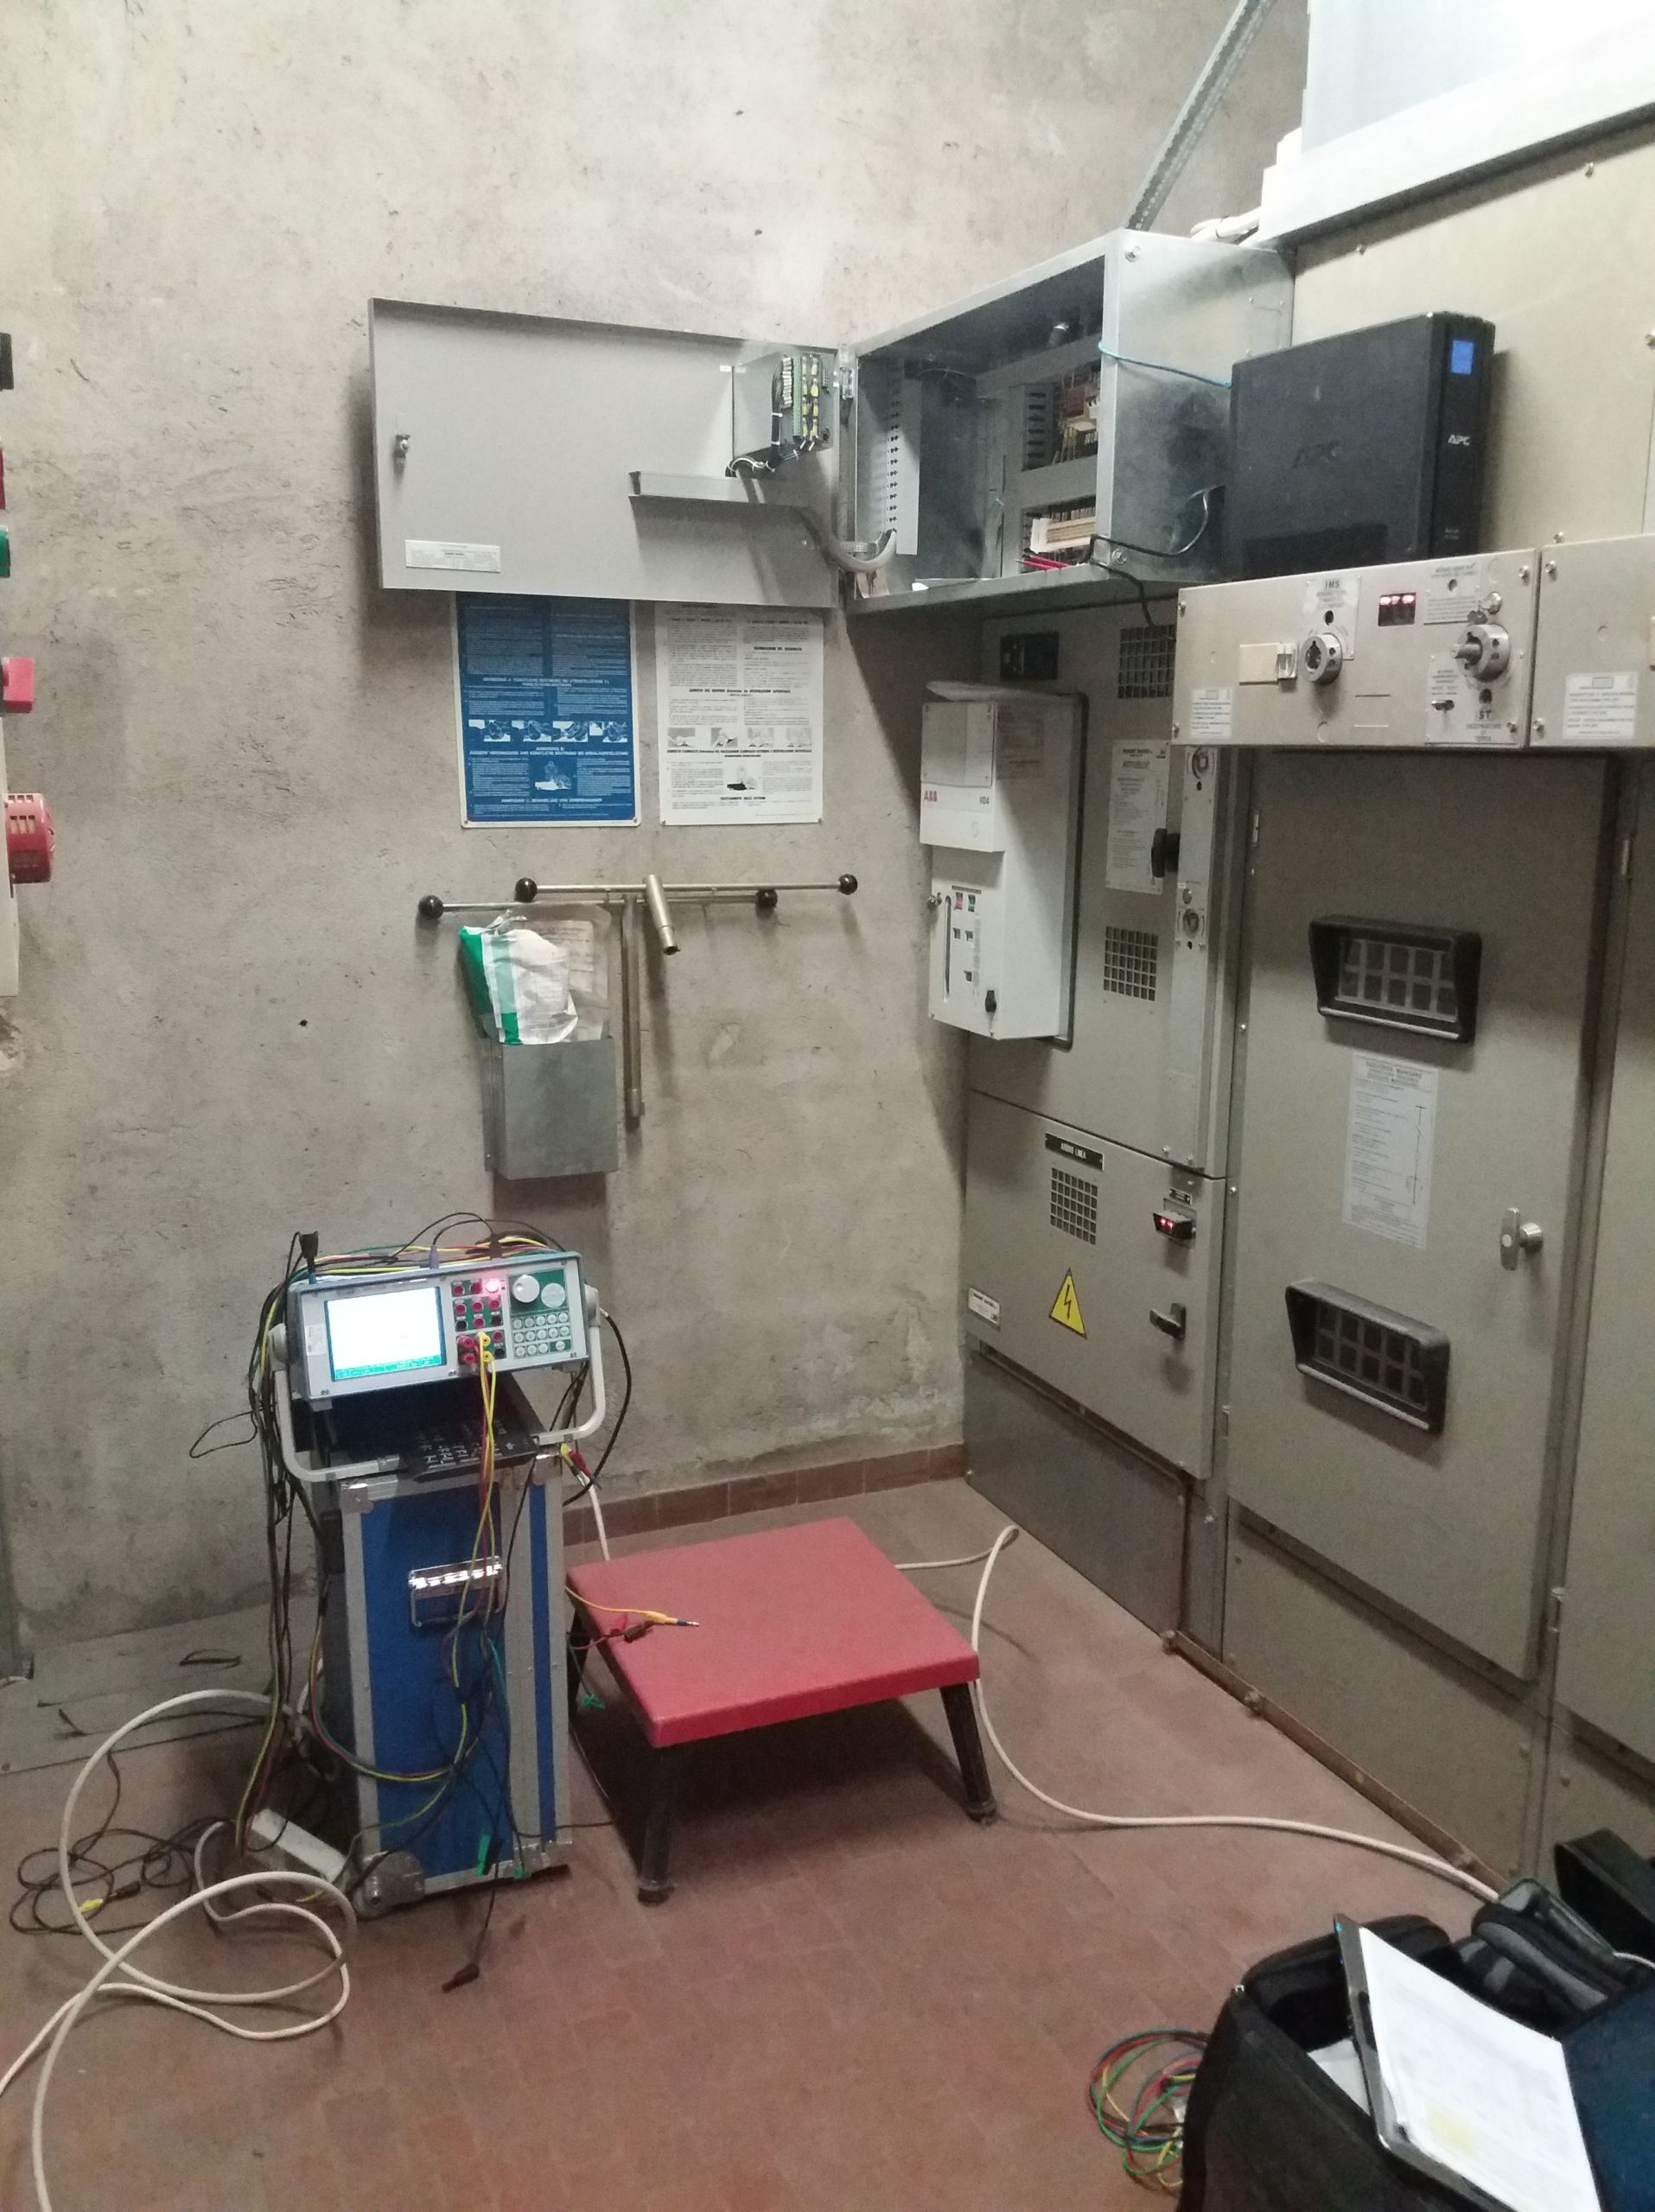 Test Report fotovoltaico e adeguamento 786 Bolzano